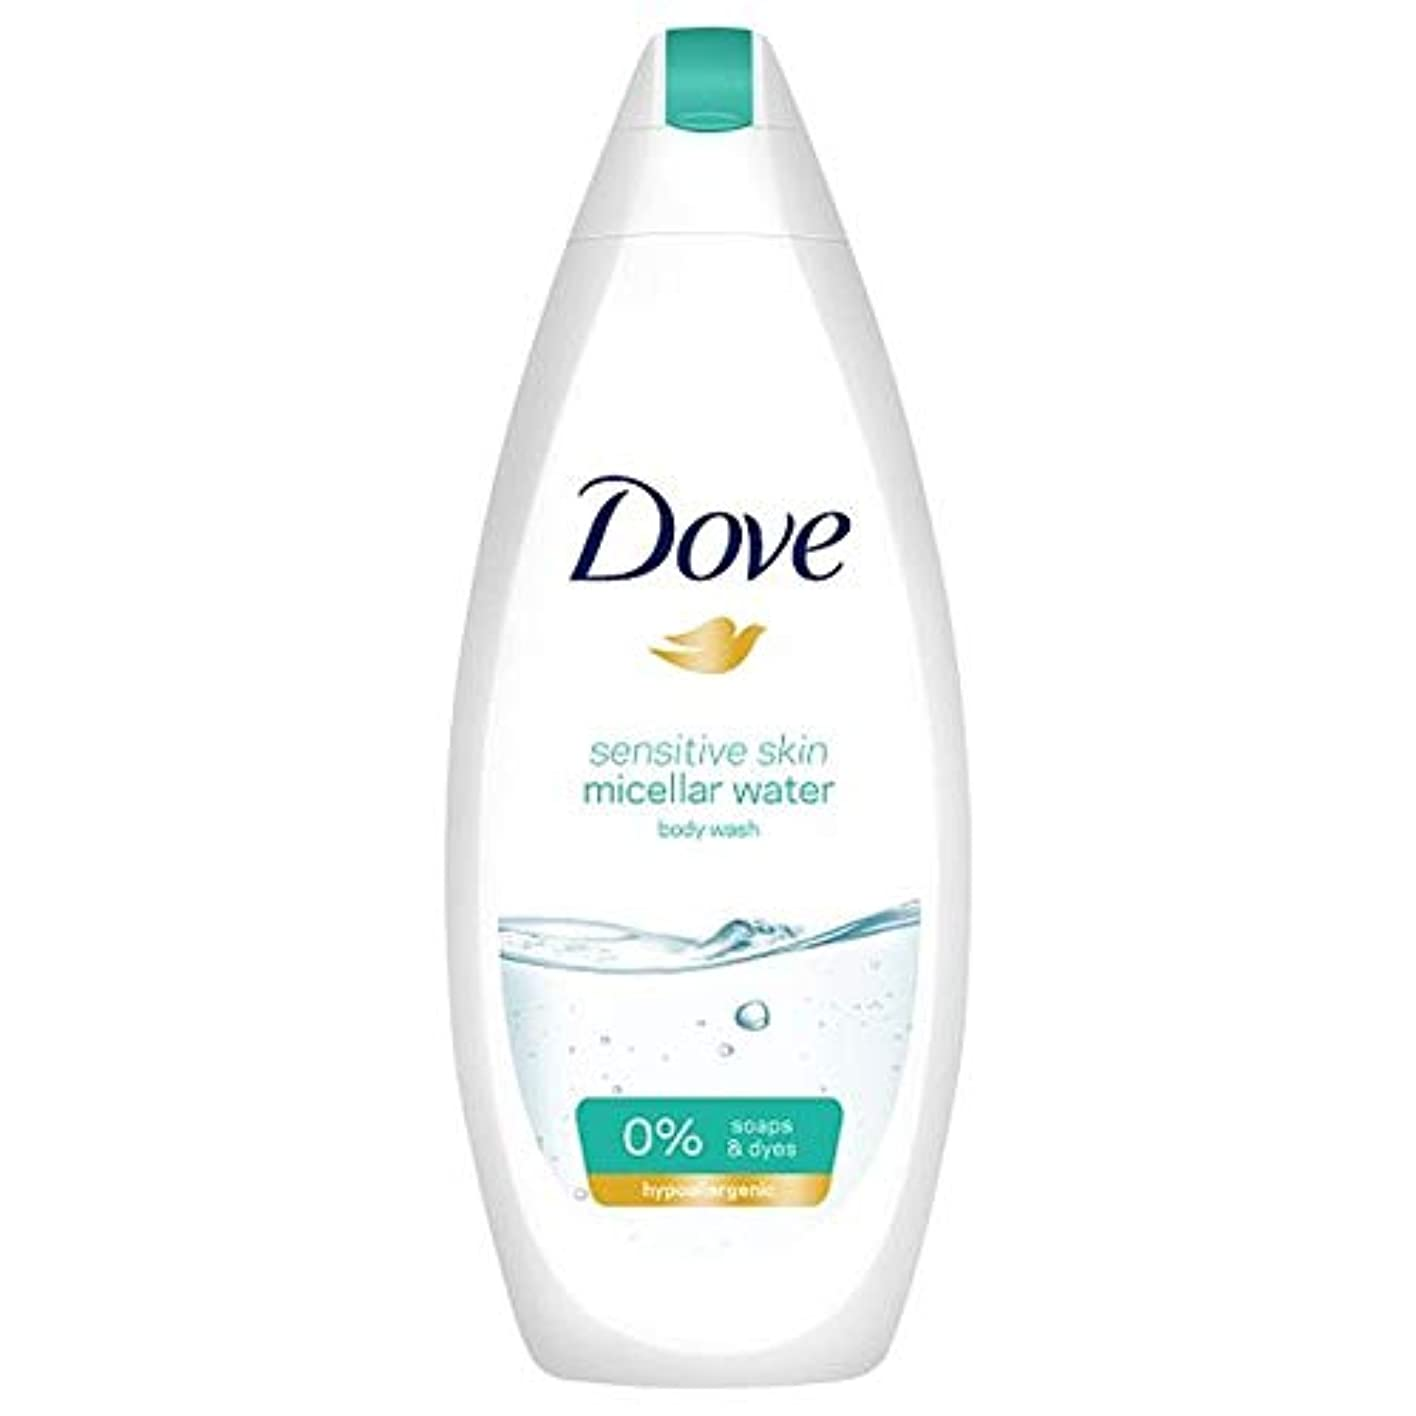 信号事務所持続する[Dove] 鳩ミセルボディウォッシュ敏感肌用500ミリリットル - Dove Micellar Body Wash Sensitive Skin 500Ml [並行輸入品]